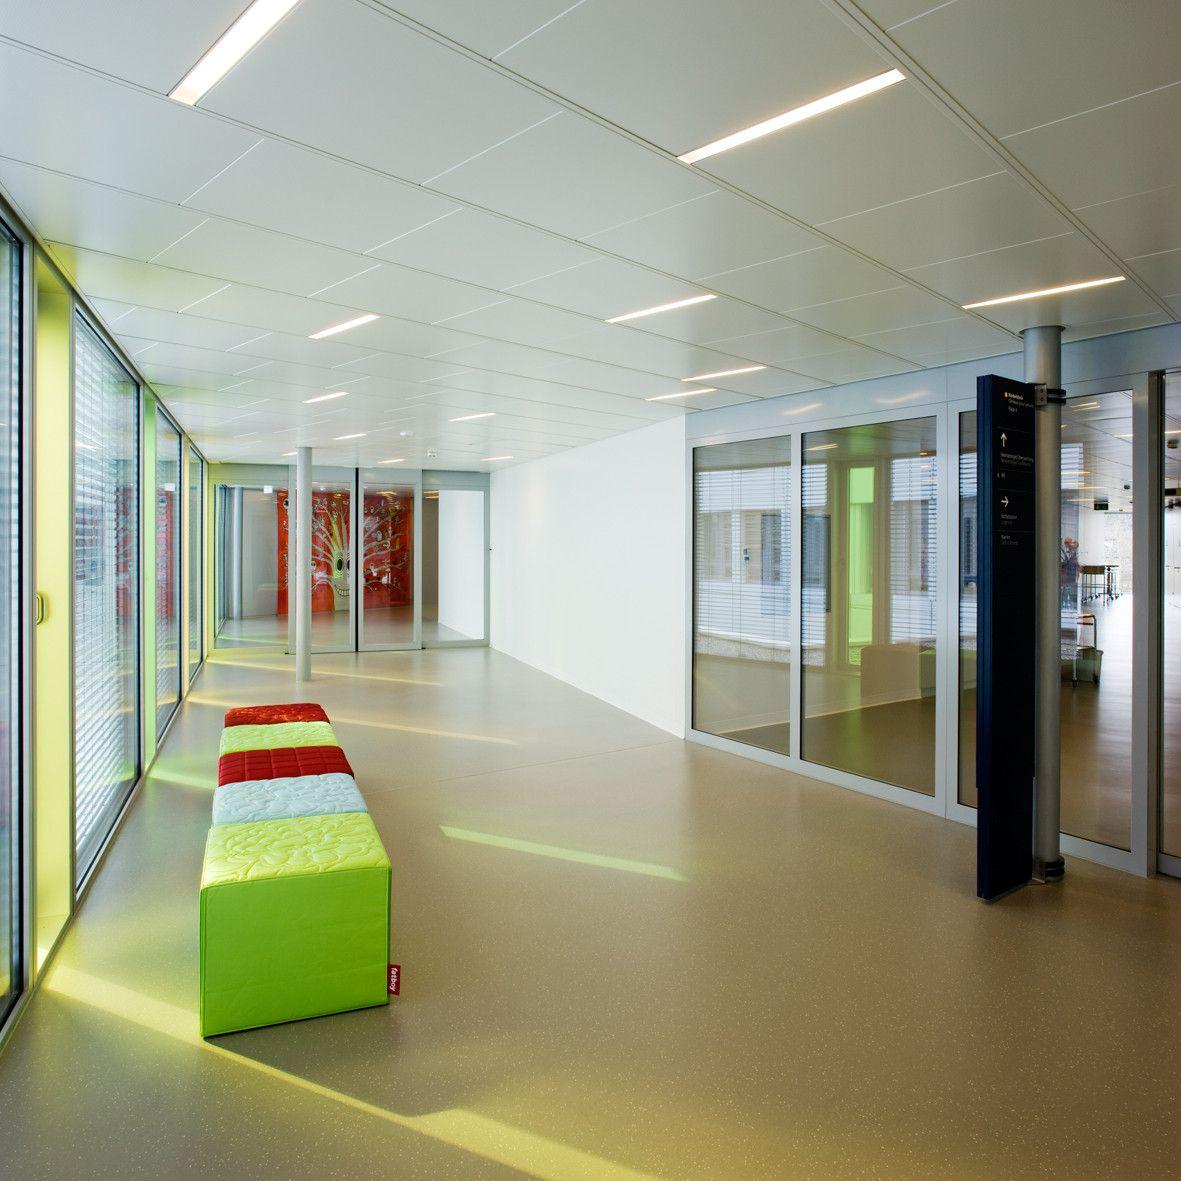 Gallery of Children's Clinic Wildermeth / bauzeit architekten - 3